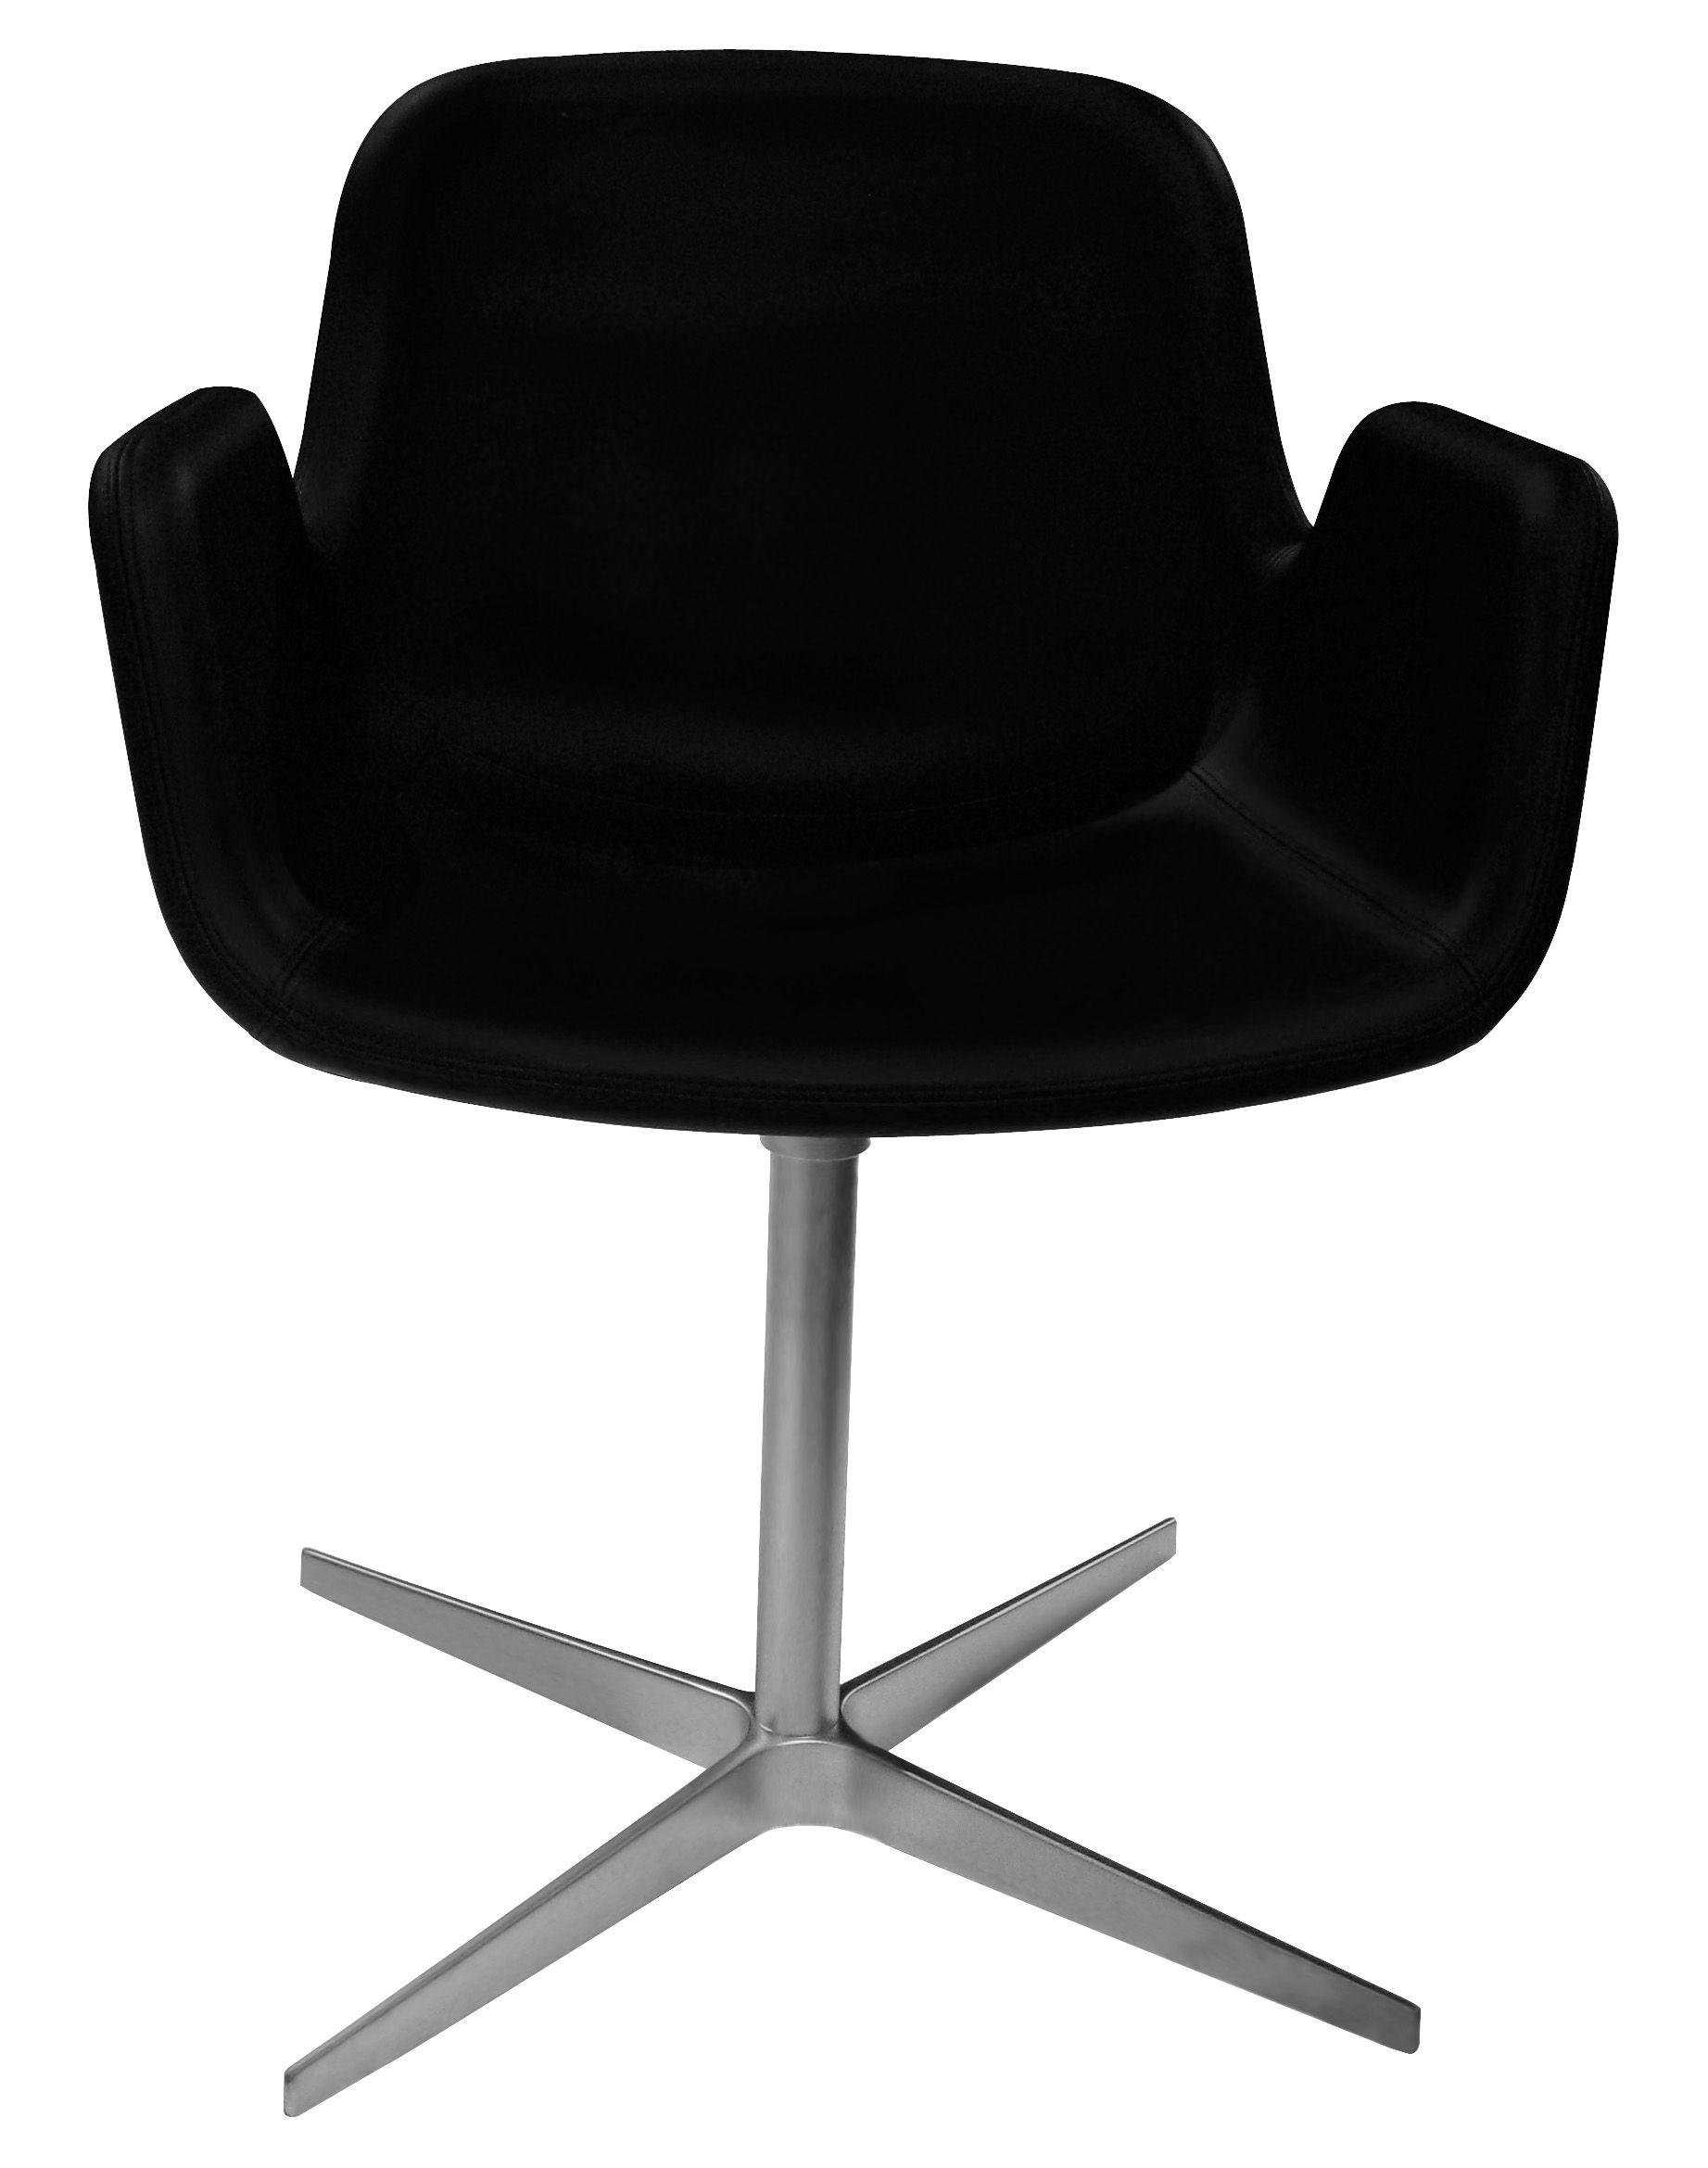 Möbel - Stühle  - Pass Drehsessel / gepolstert - mit Lederbezug - Lapalma - Sitzfläche mit schwarzem Lederbezug / Fußgestell verchromter Edelstahl, matt - Leder, verchromtes Aluminium